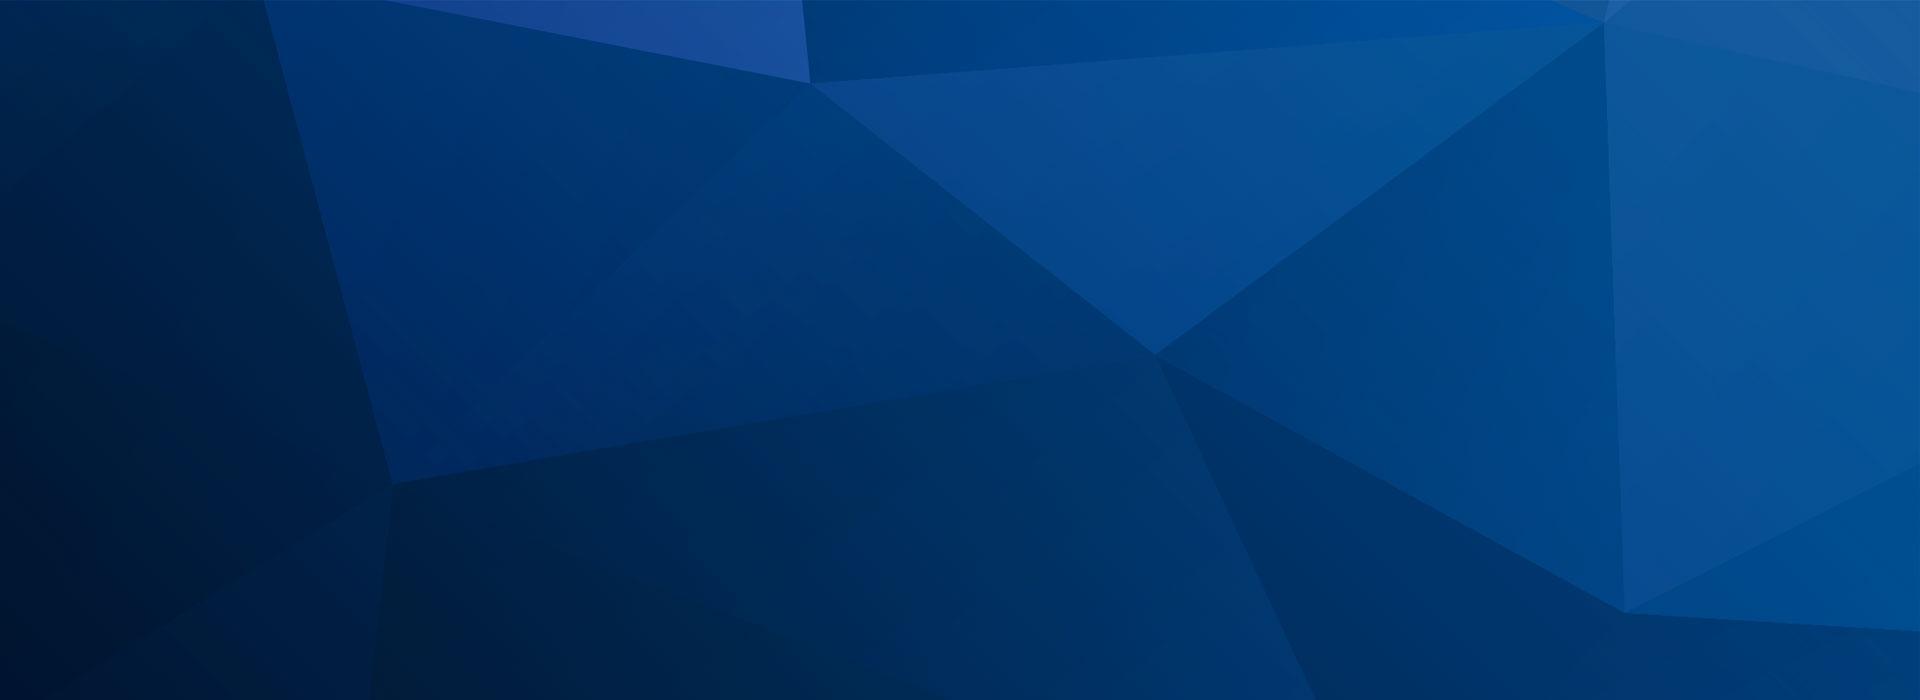 slider_back1.jpg